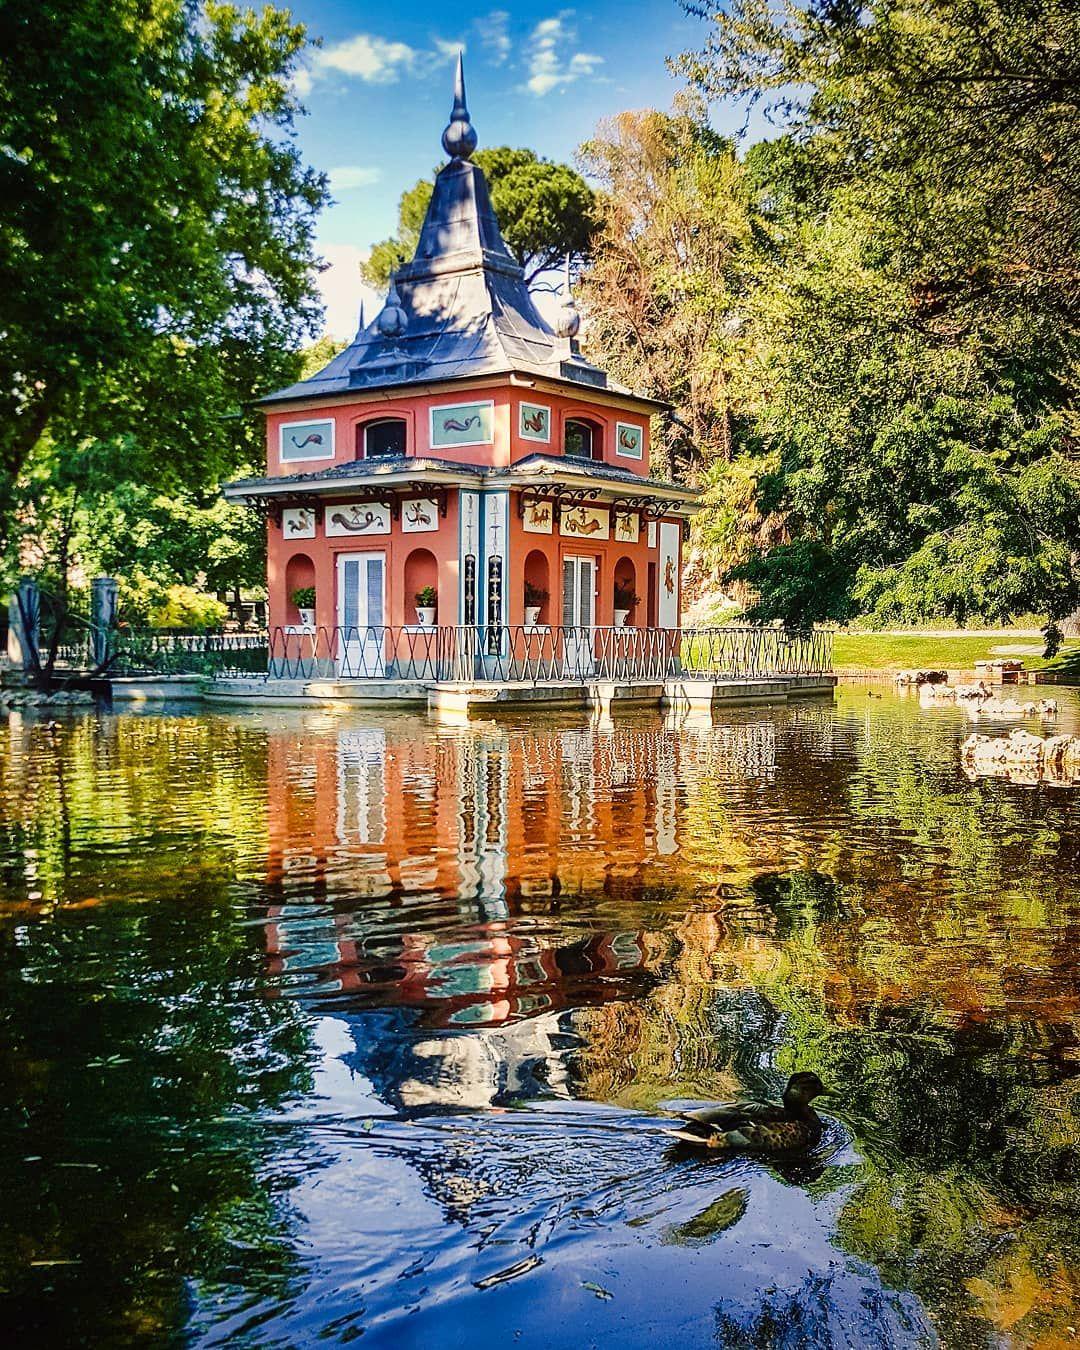 La Imagen Puede Contener árbol Cielo Planta Exterior Agua Y Naturaleza House Styles Mansions House